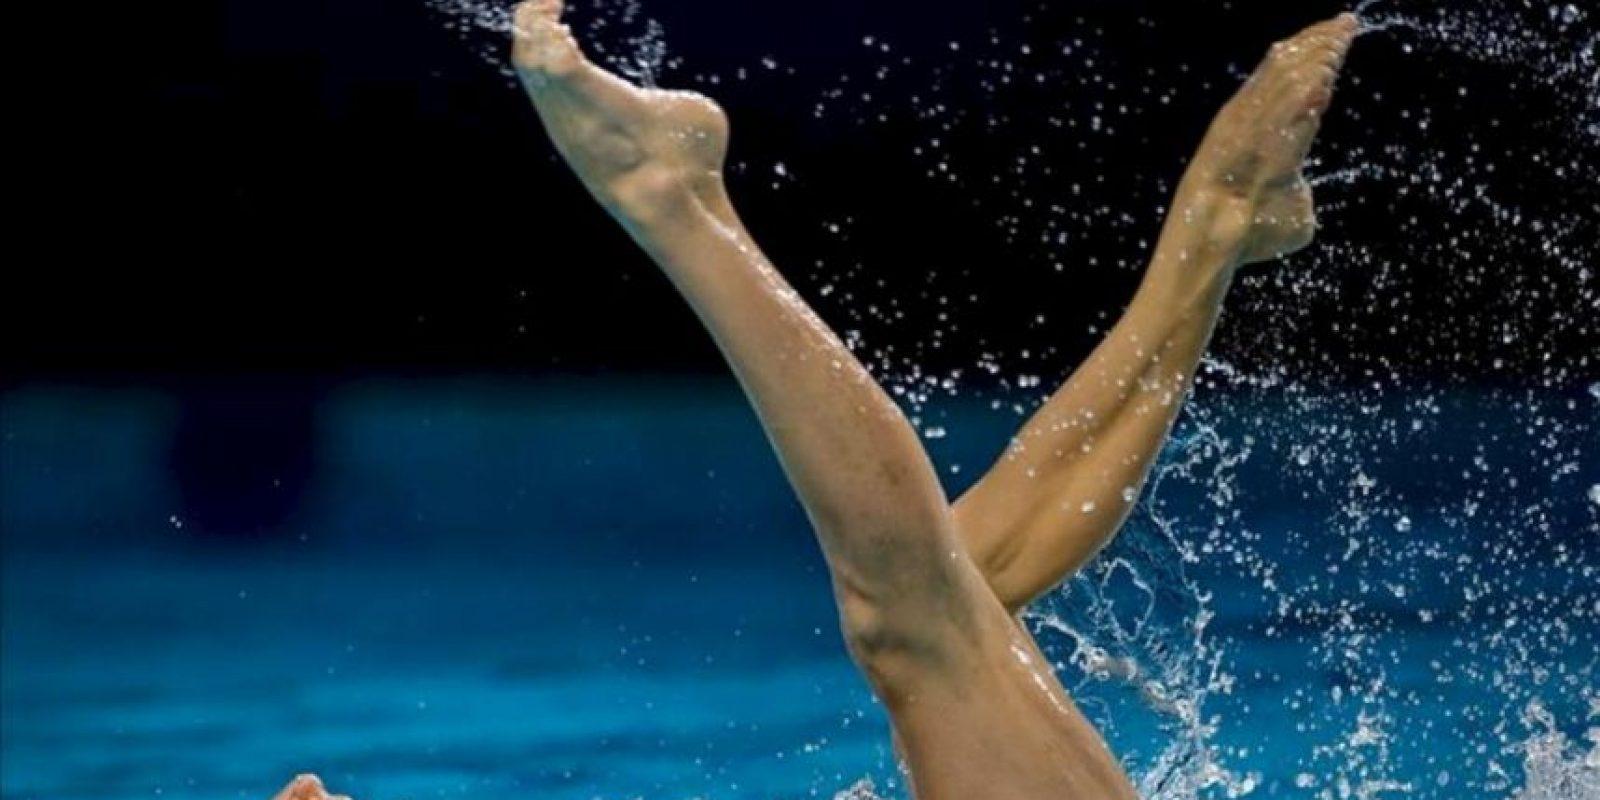 Las españolas Andrea Fuentes y Ona Carbonell compiten en la modalidad de Dúo de los campeonatos de Europa de natación sincronizada que se celebran en Eindhoven, Holanda. EFE